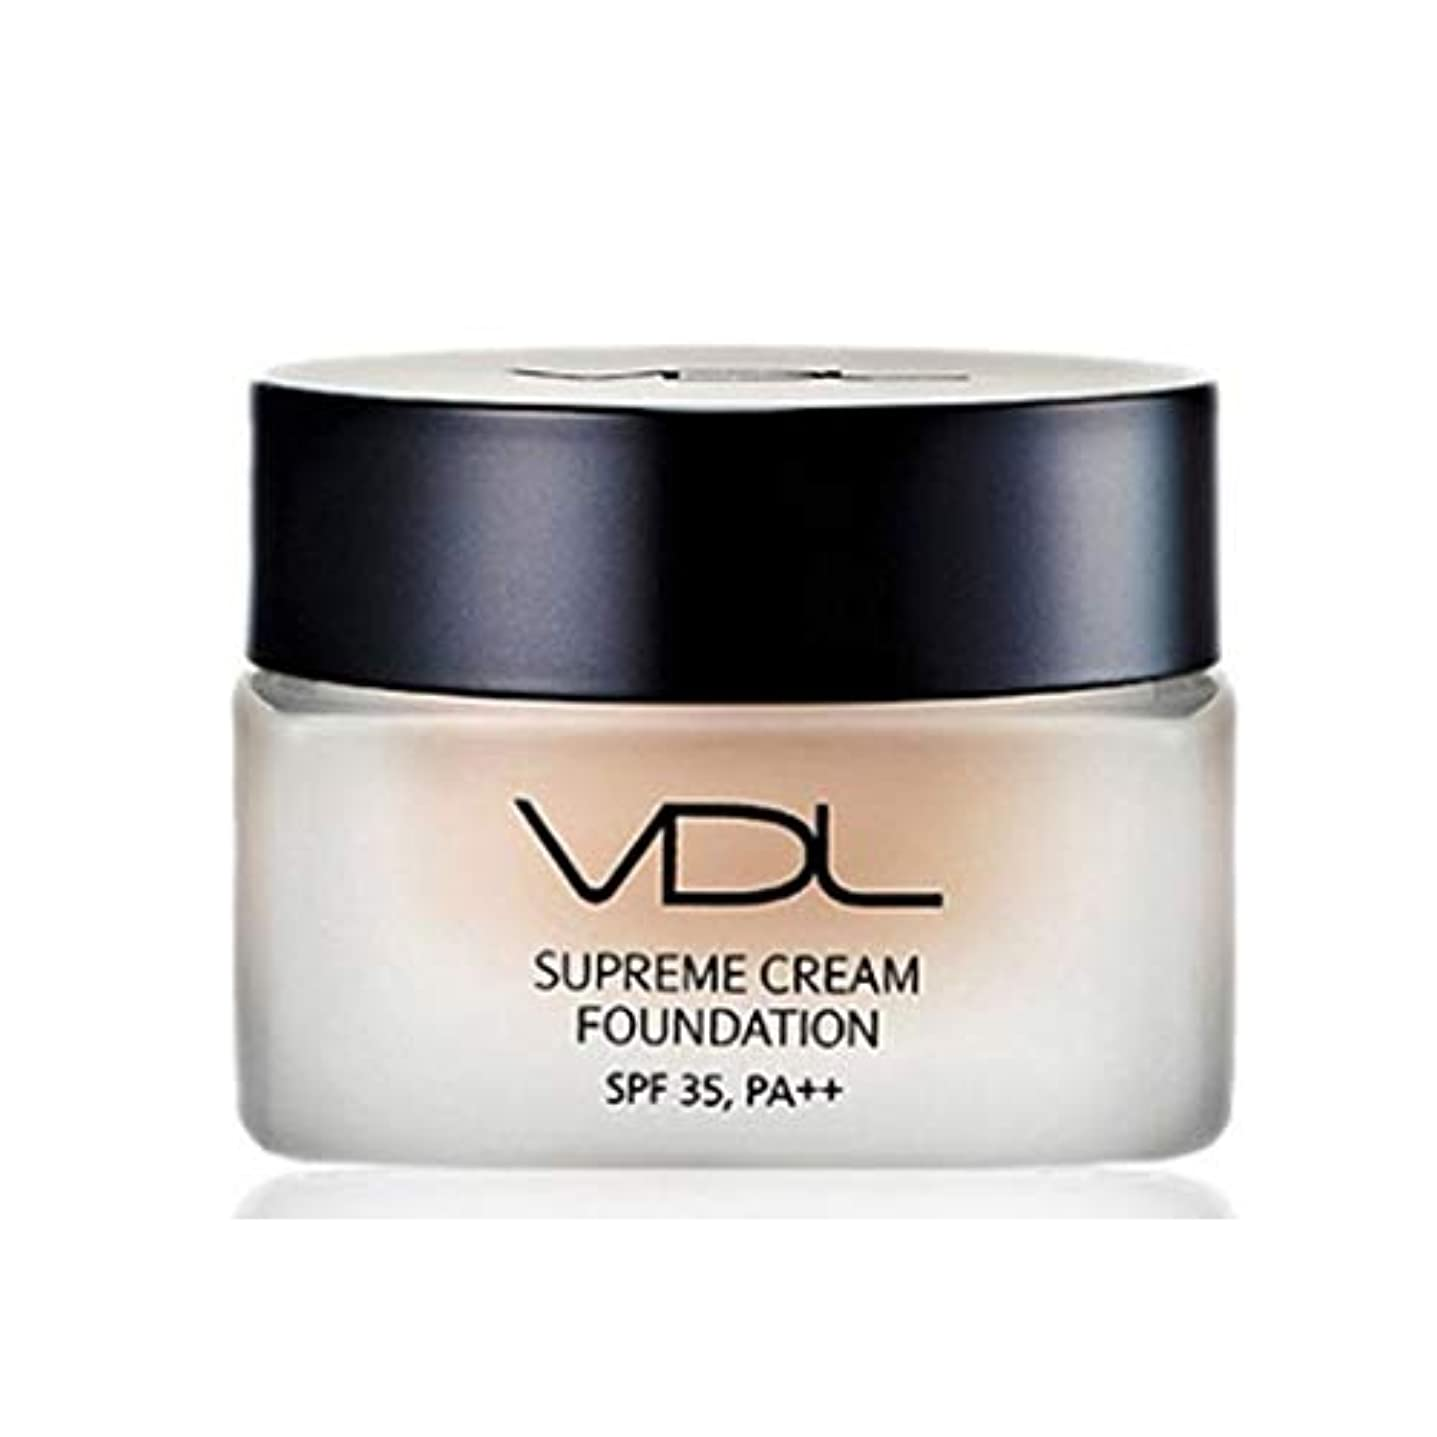 コテージ育成巧みなVDLスプリームクリームファンデーション30ml SPF35 PA++ 4色、VDL Supreme Cream Foundation 30ml SPF35 PA++ 4 Colors [並行輸入品] (A02)